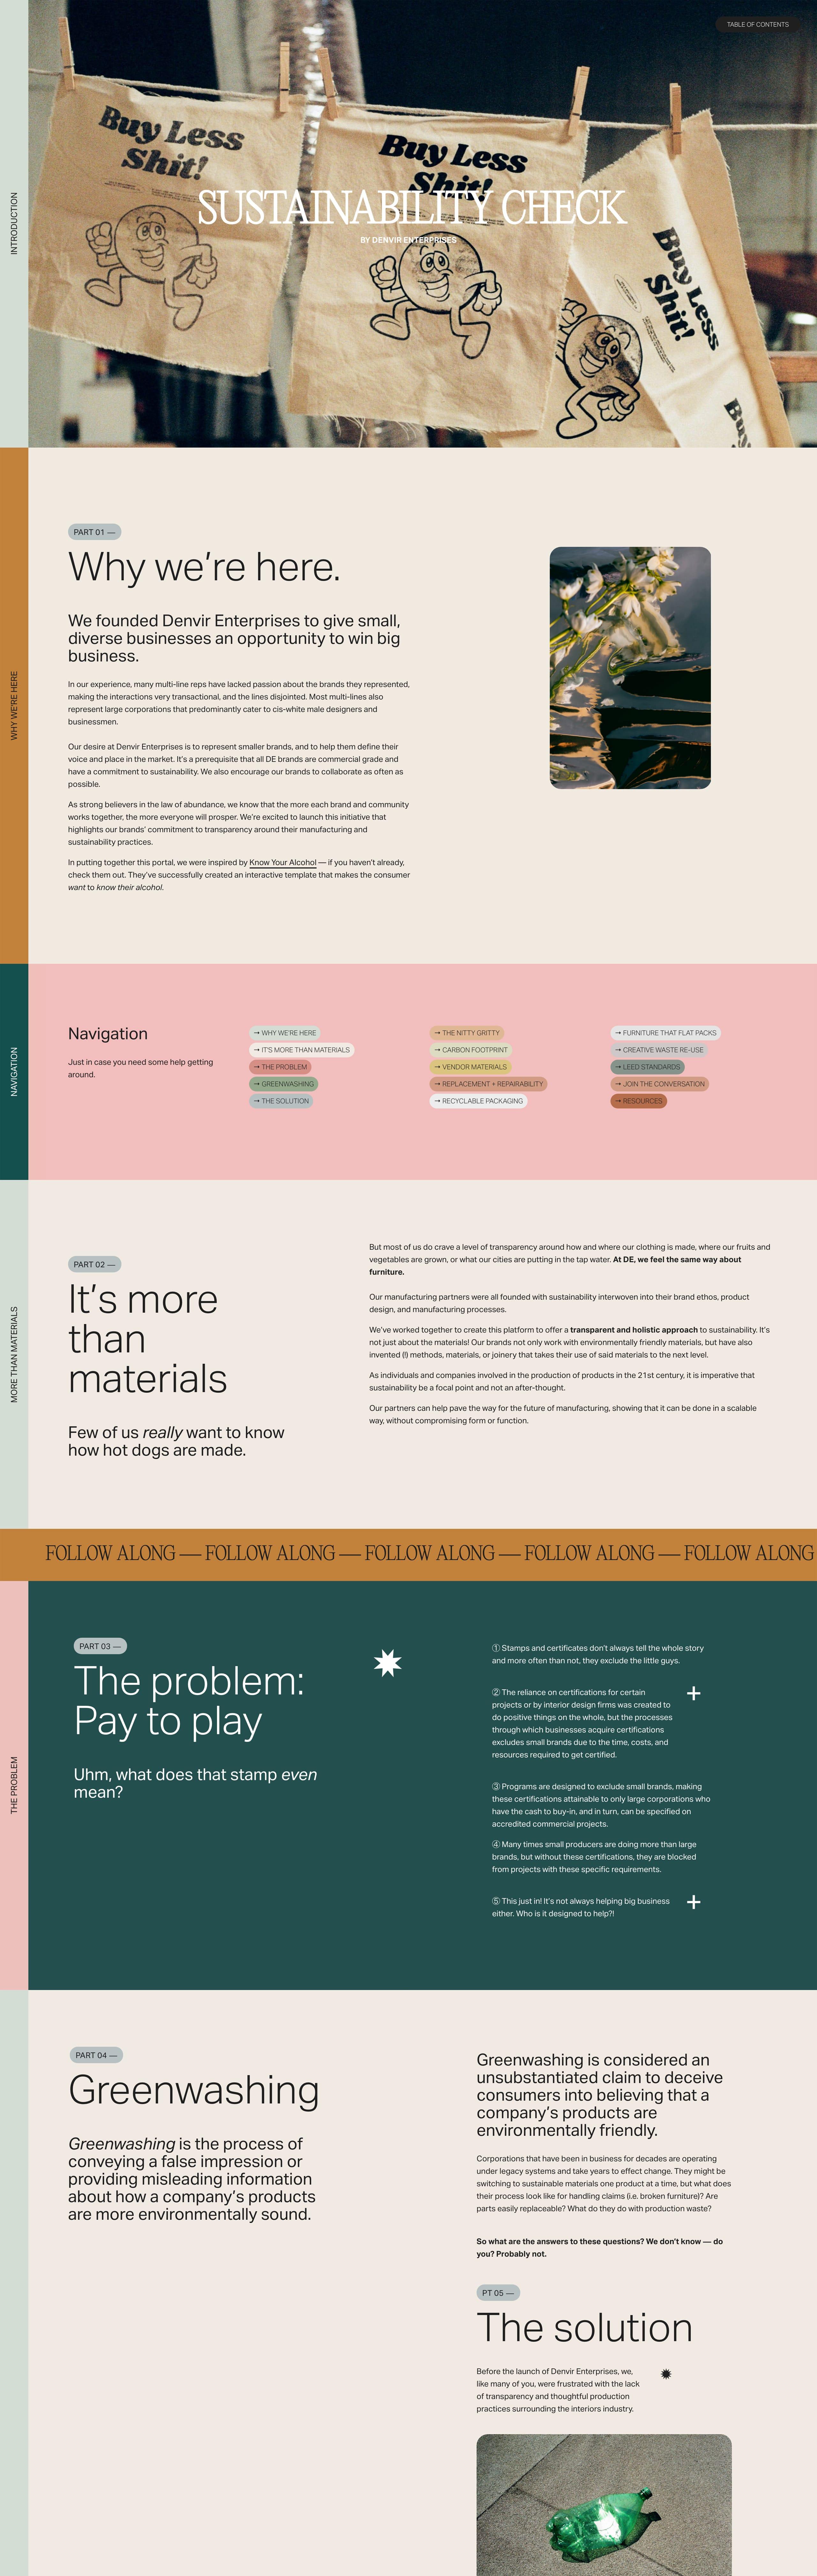 Sustainability Check Website Screenshot